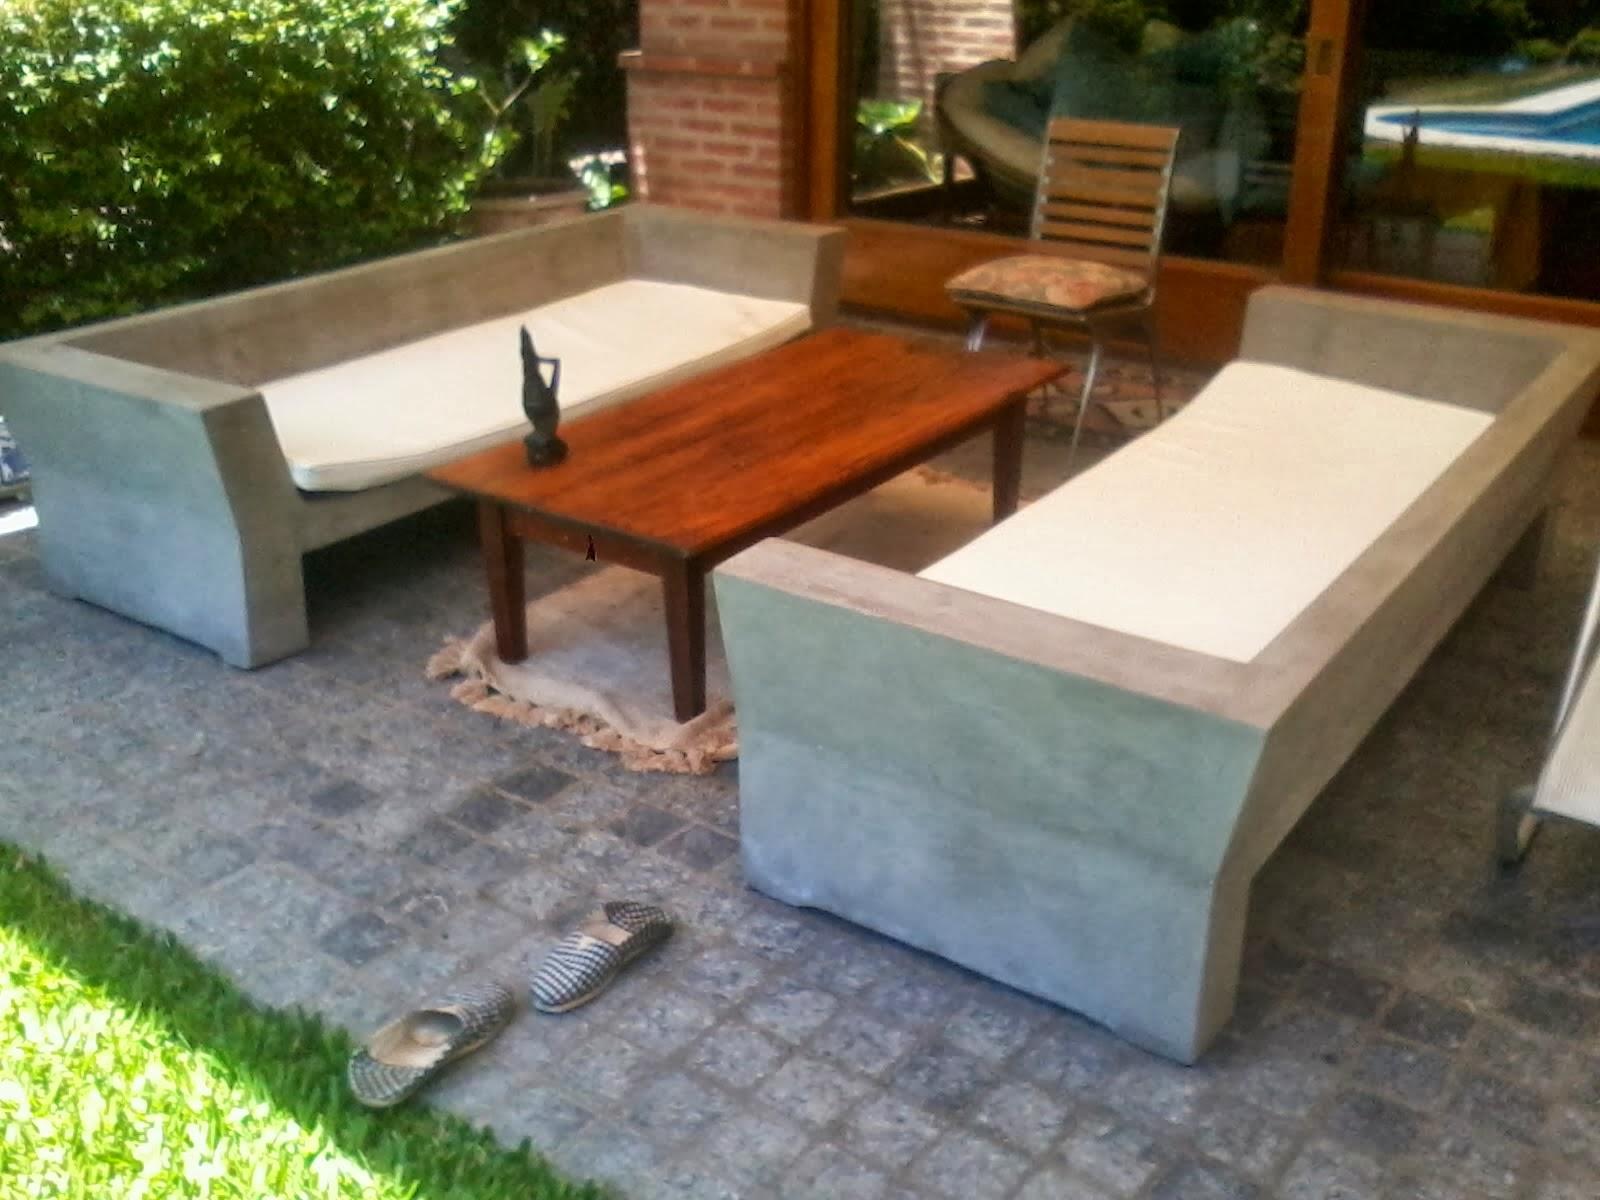 Muebles En Cemento Light Estilo Ribera Marzo 2011 # Muebles Cemento Liviano